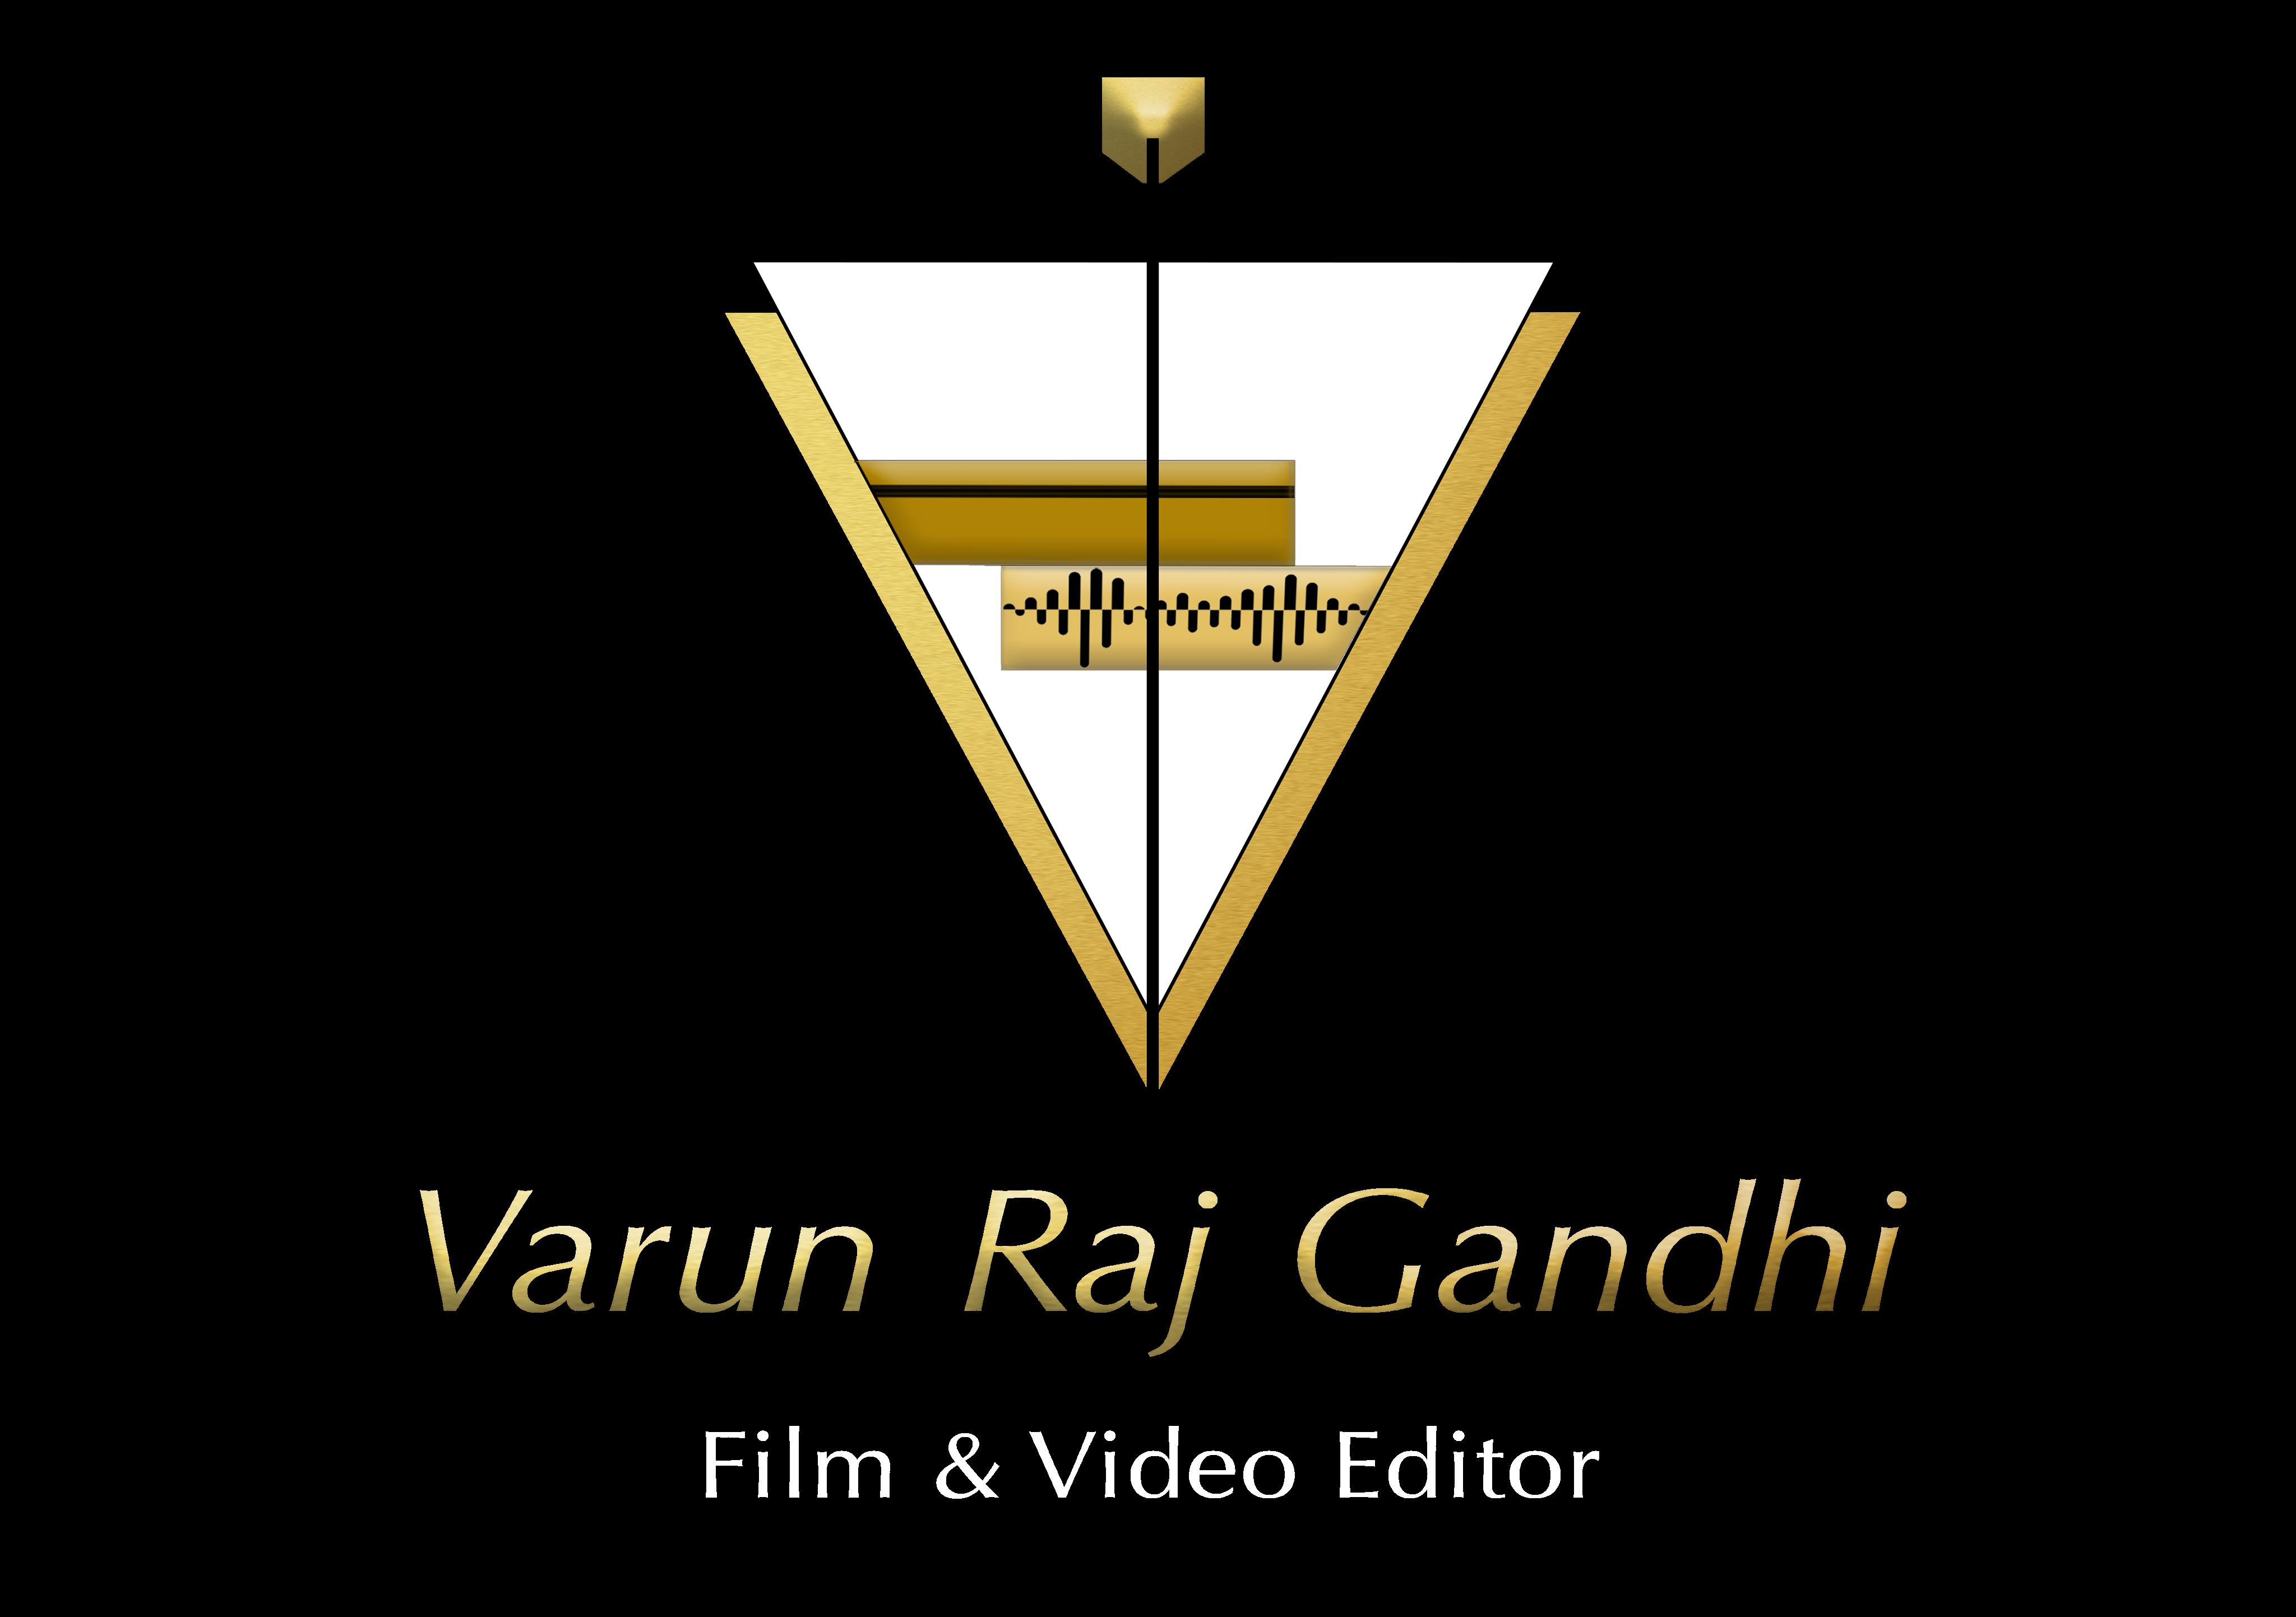 Varunraj Gandhi